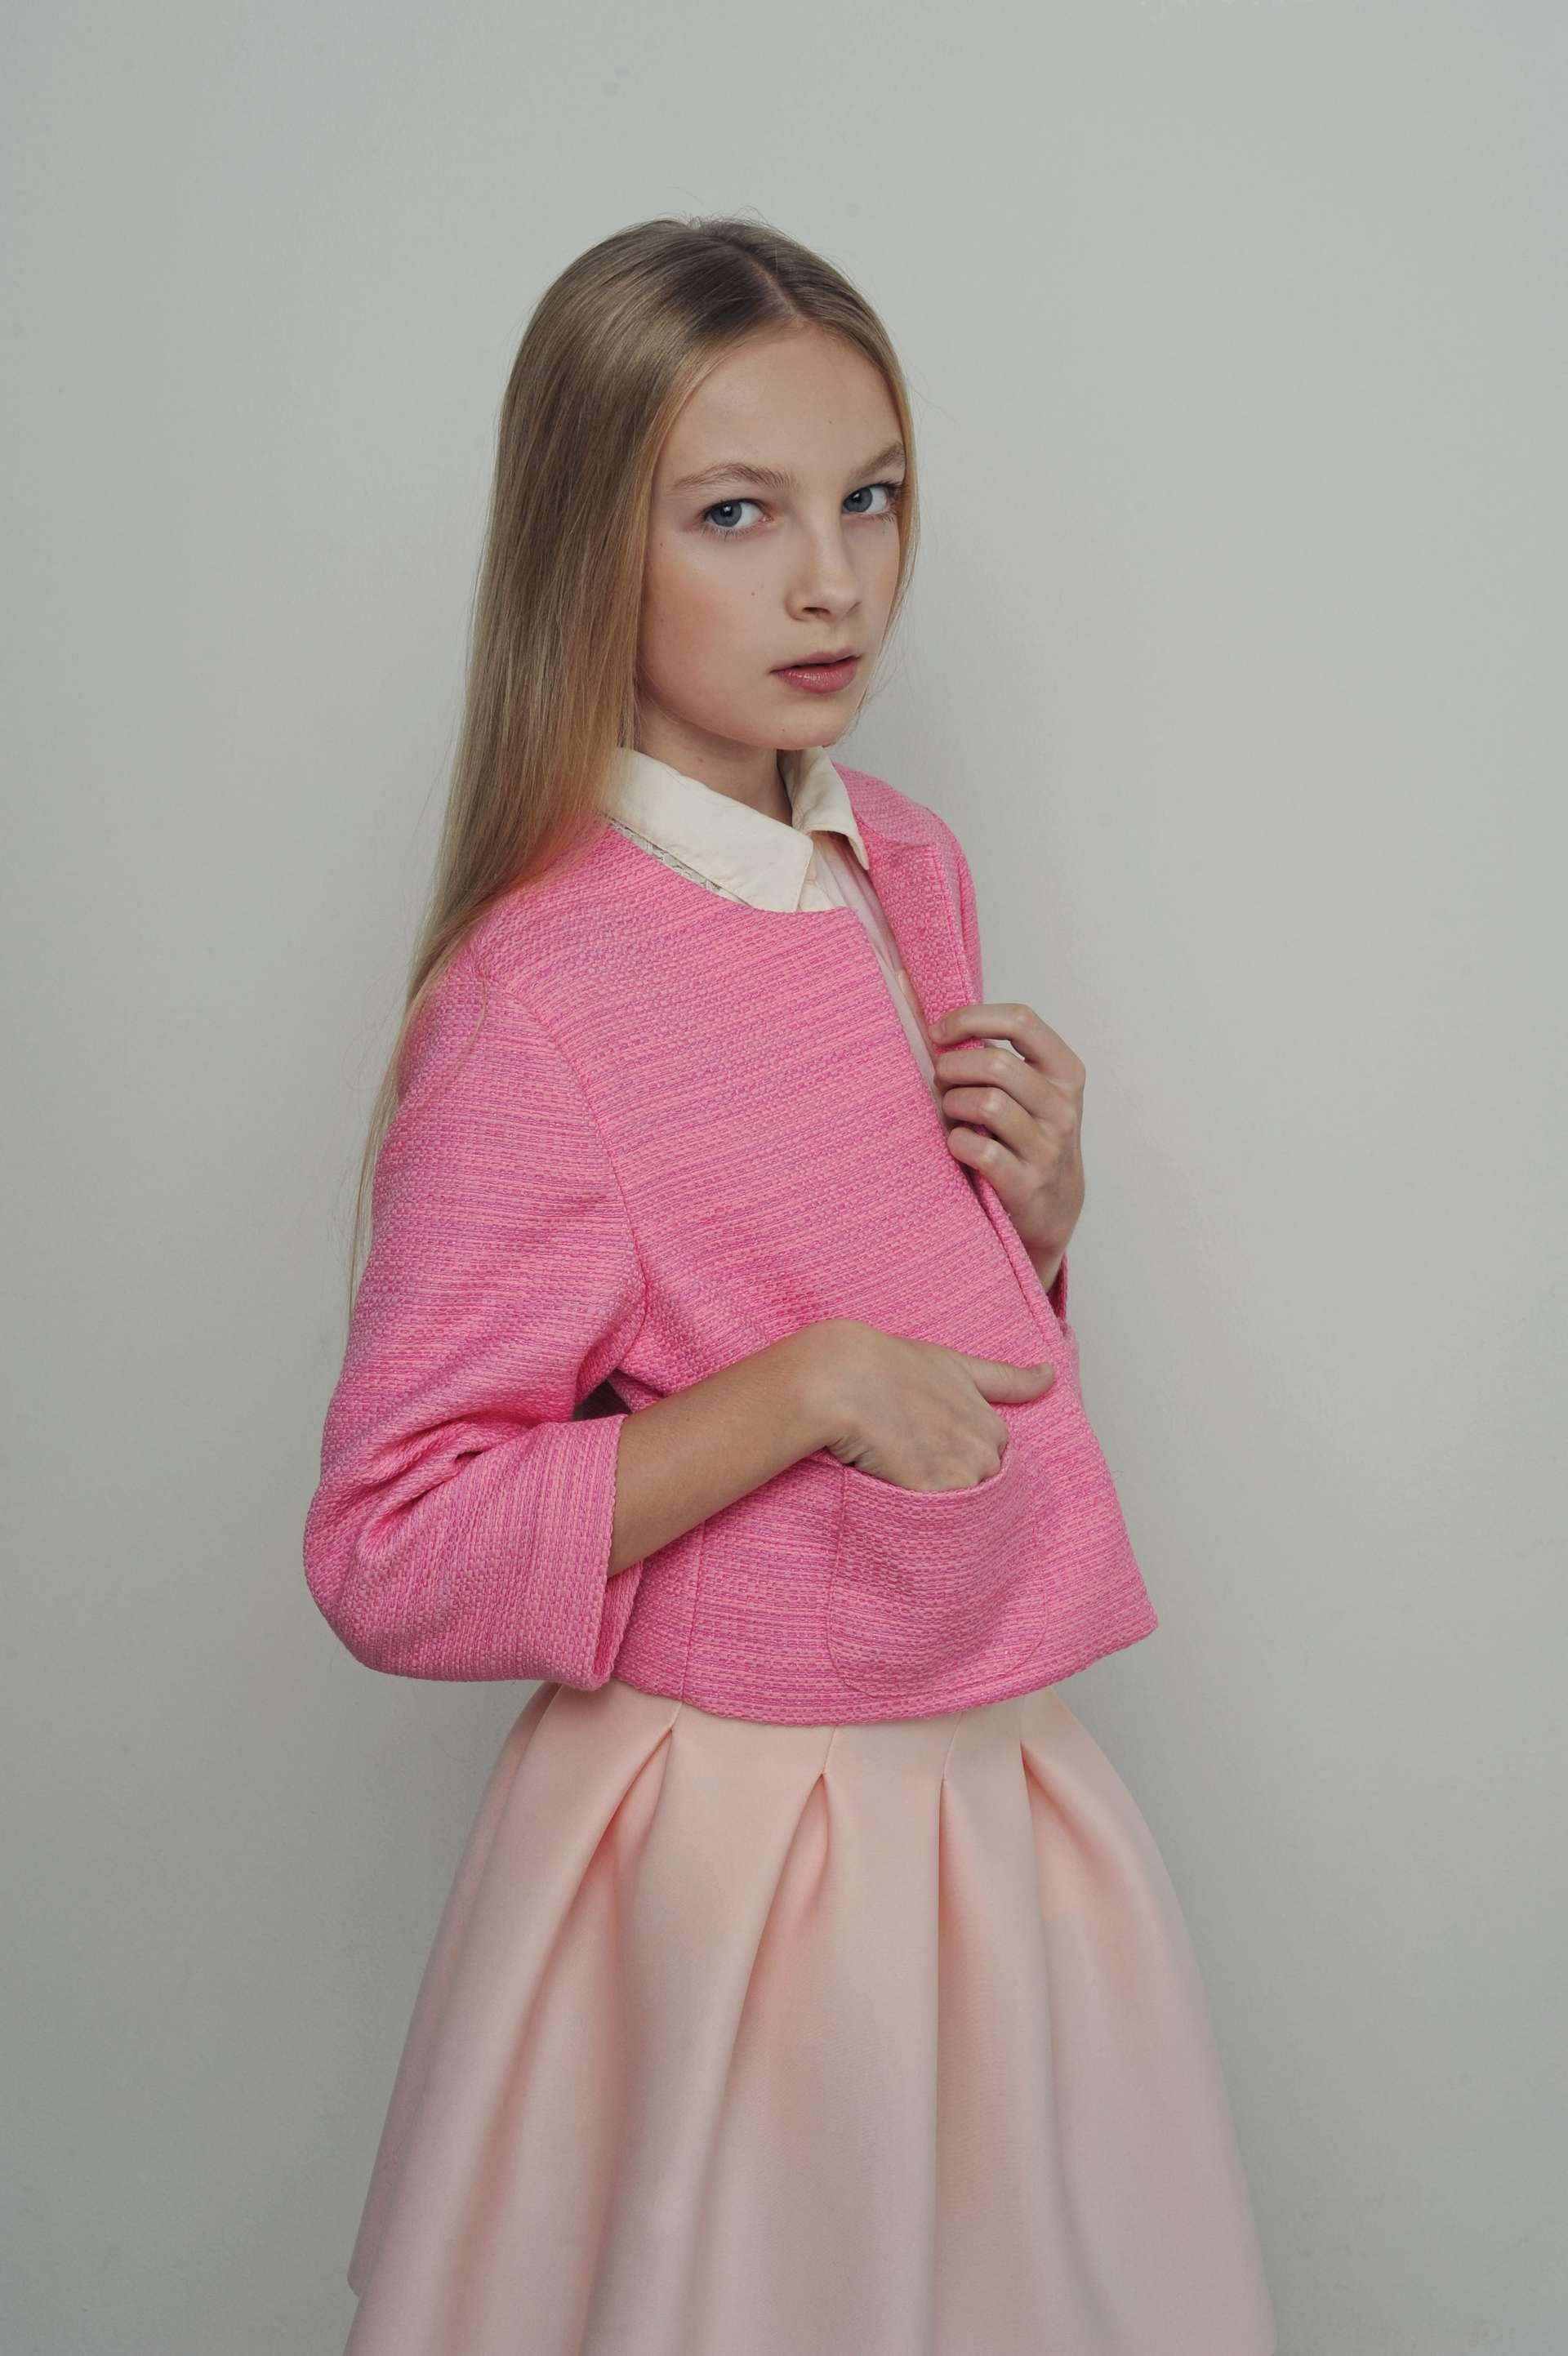 Как послать фото ребенка в модельное агентство